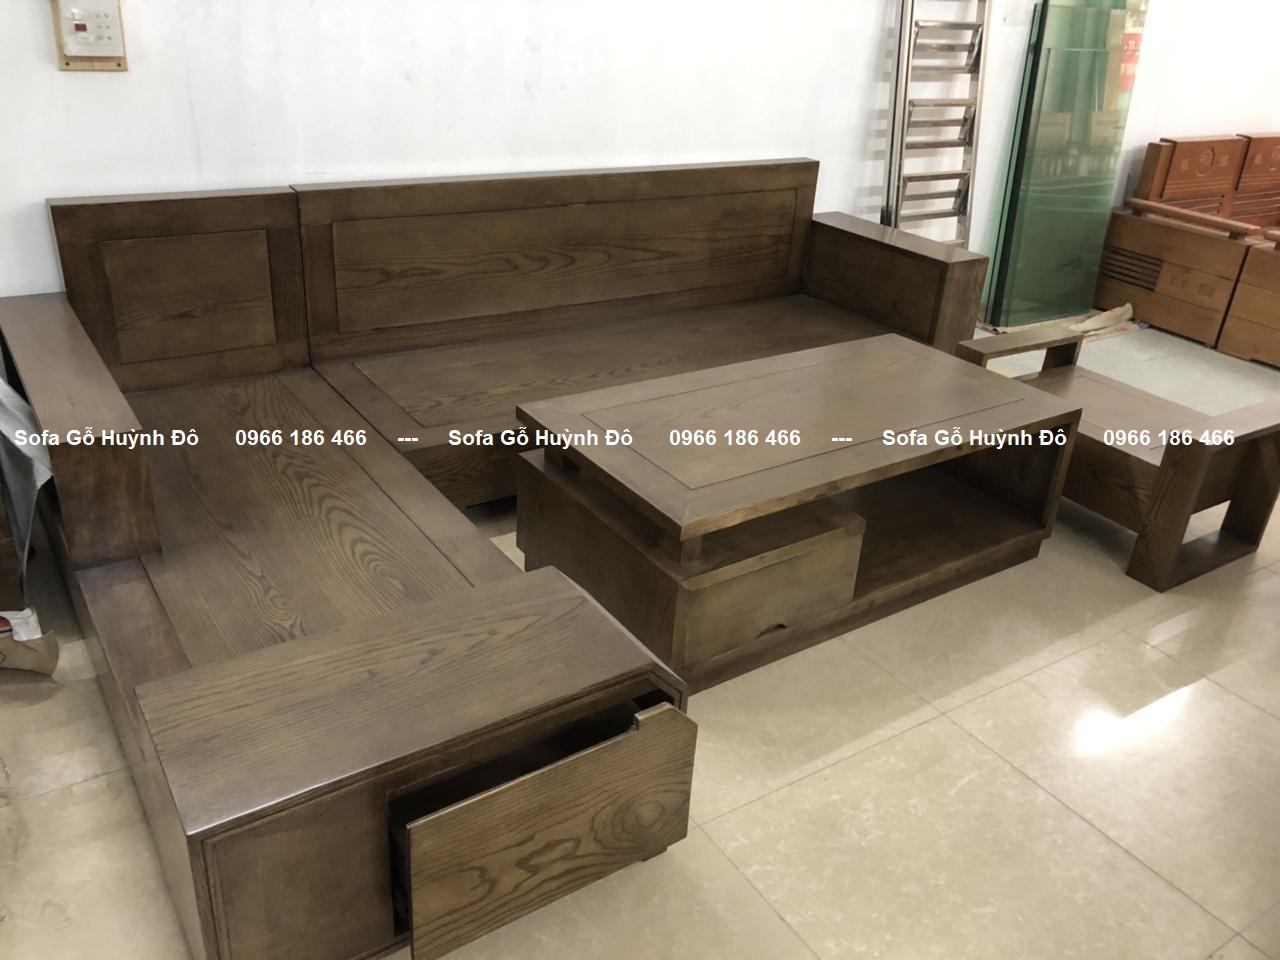 Bộ bàn ghế hòng khách đẹp, kiểu dáng hiện đại 2021